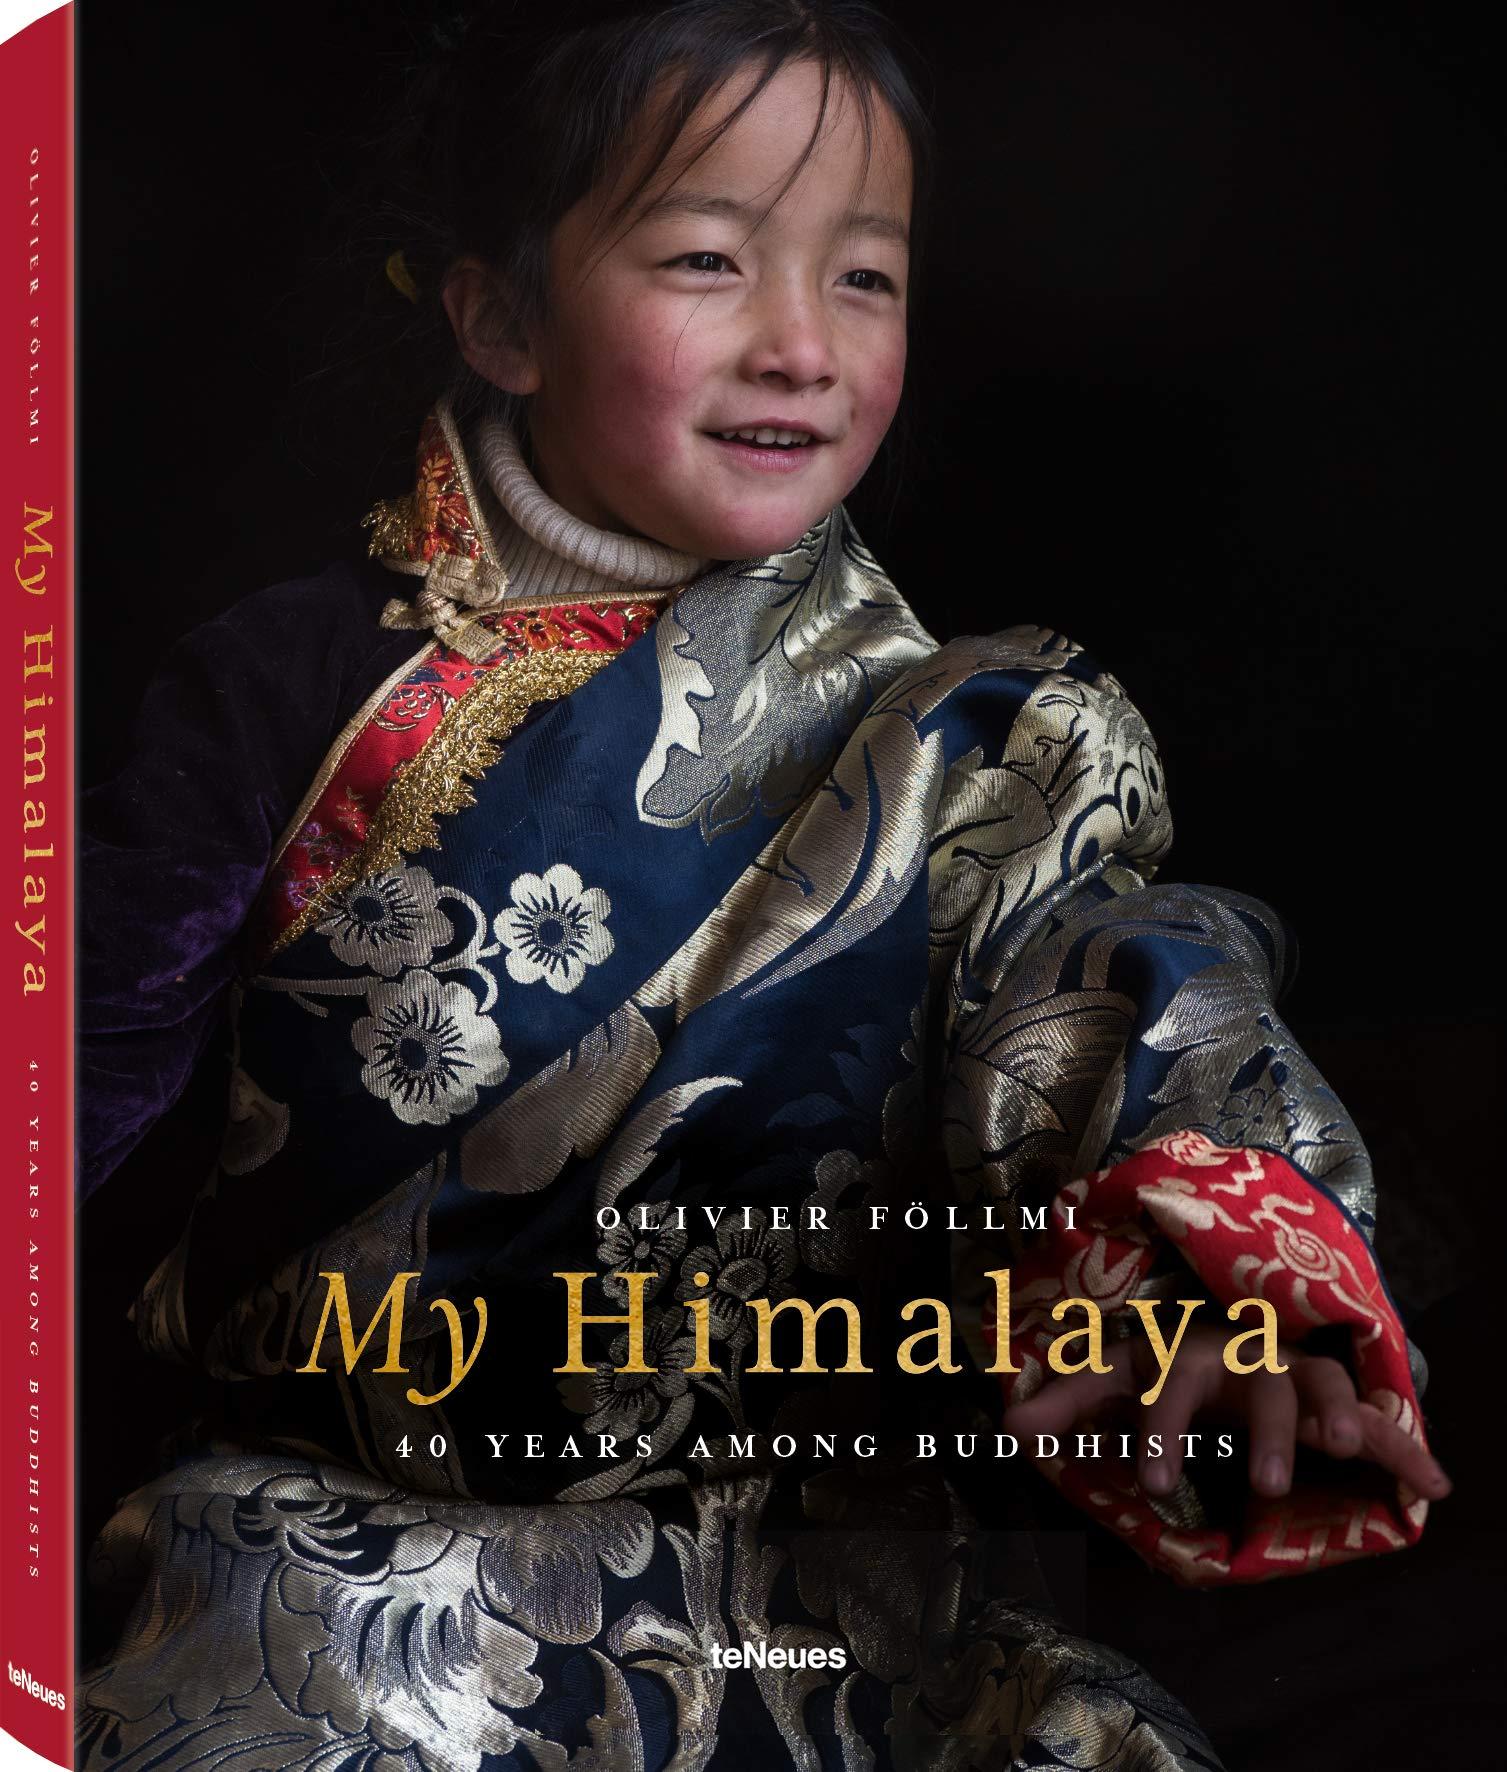 My Himalaya: 40 YEARS AMONG BUDDHISTS by teNeues Publishing Company